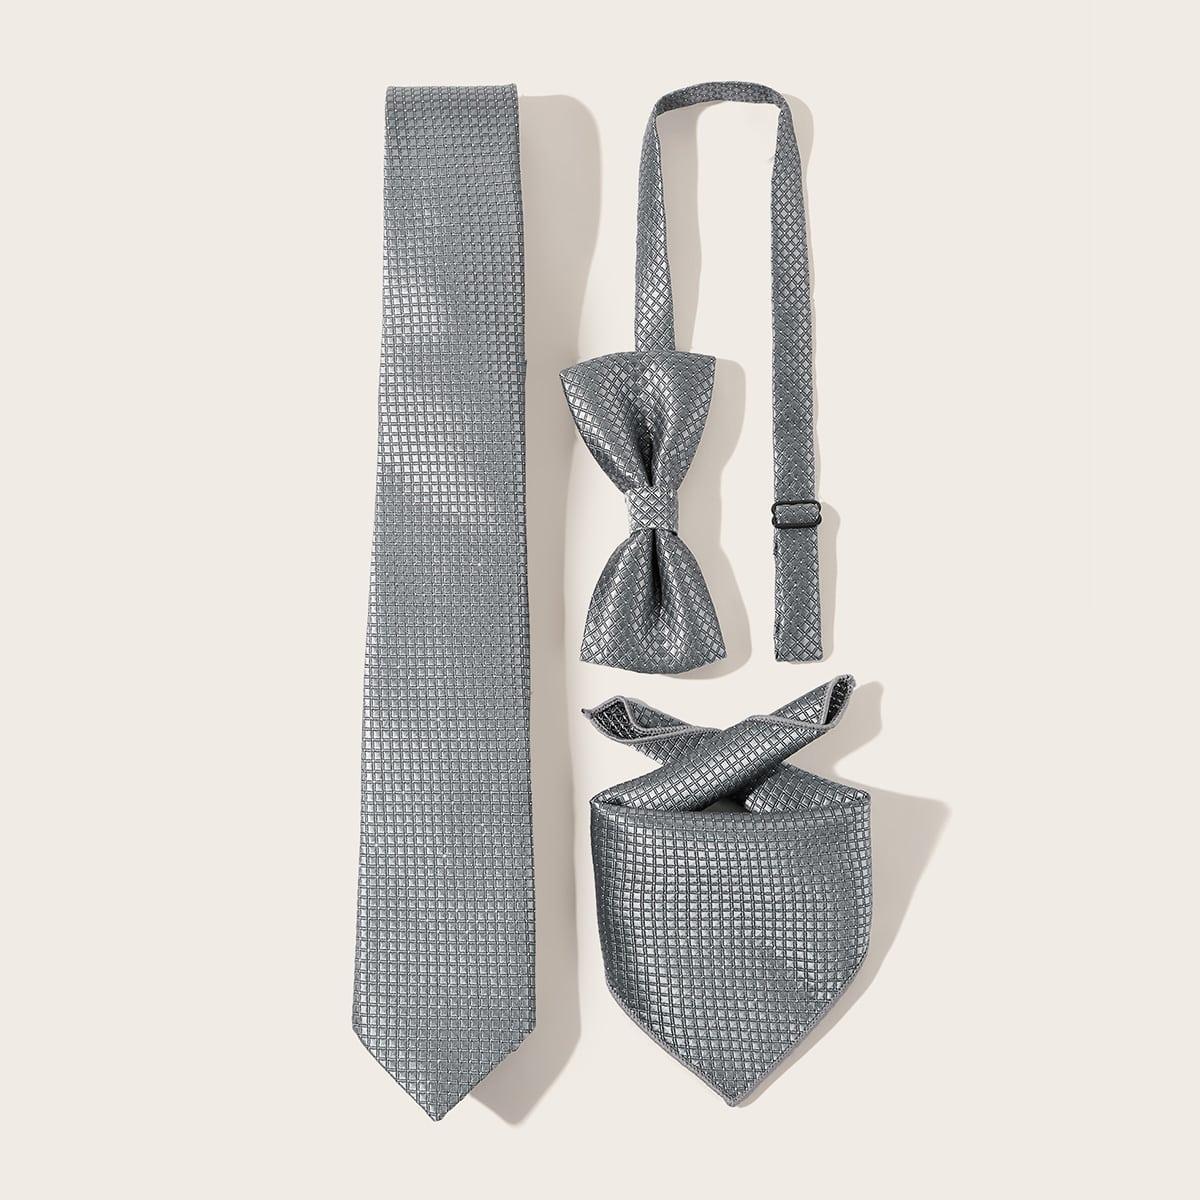 3-delige mannen geruite patroon stropdas set